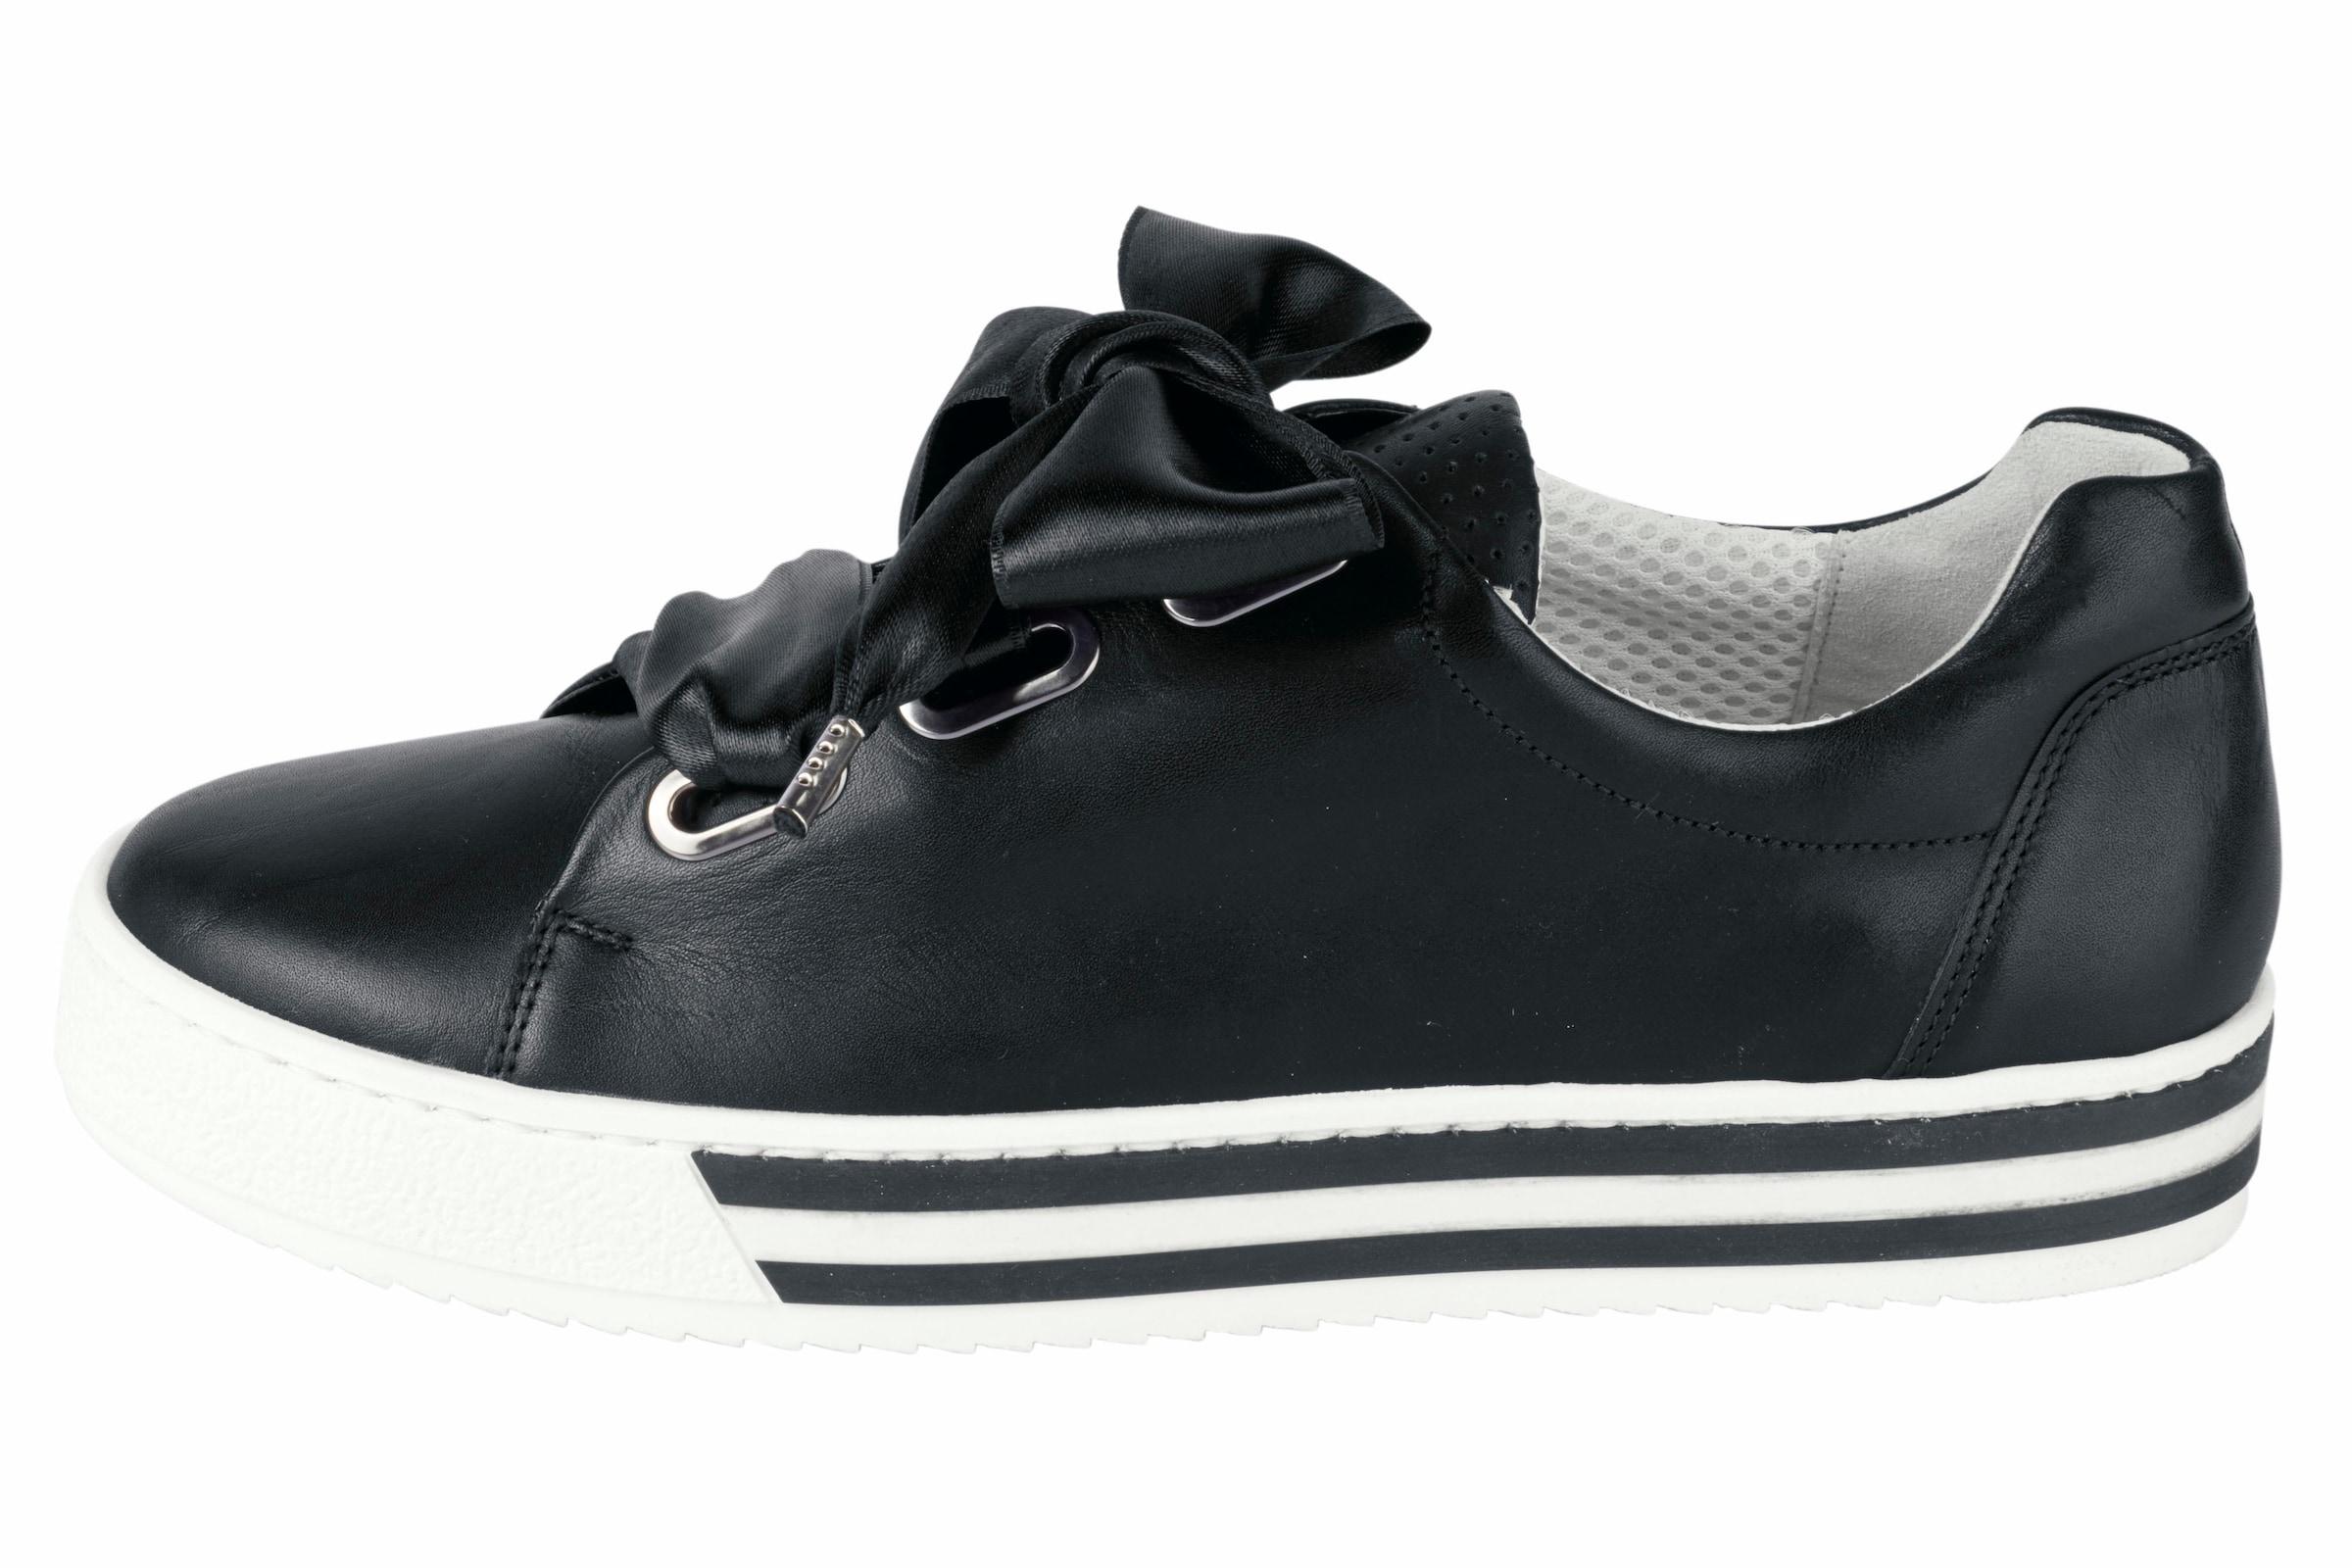 Wo Zu Kaufen 100% Ig Garantiert Günstig Online GABOR Sneaker Factory Outlet Günstig Online Auslass jMq1cB